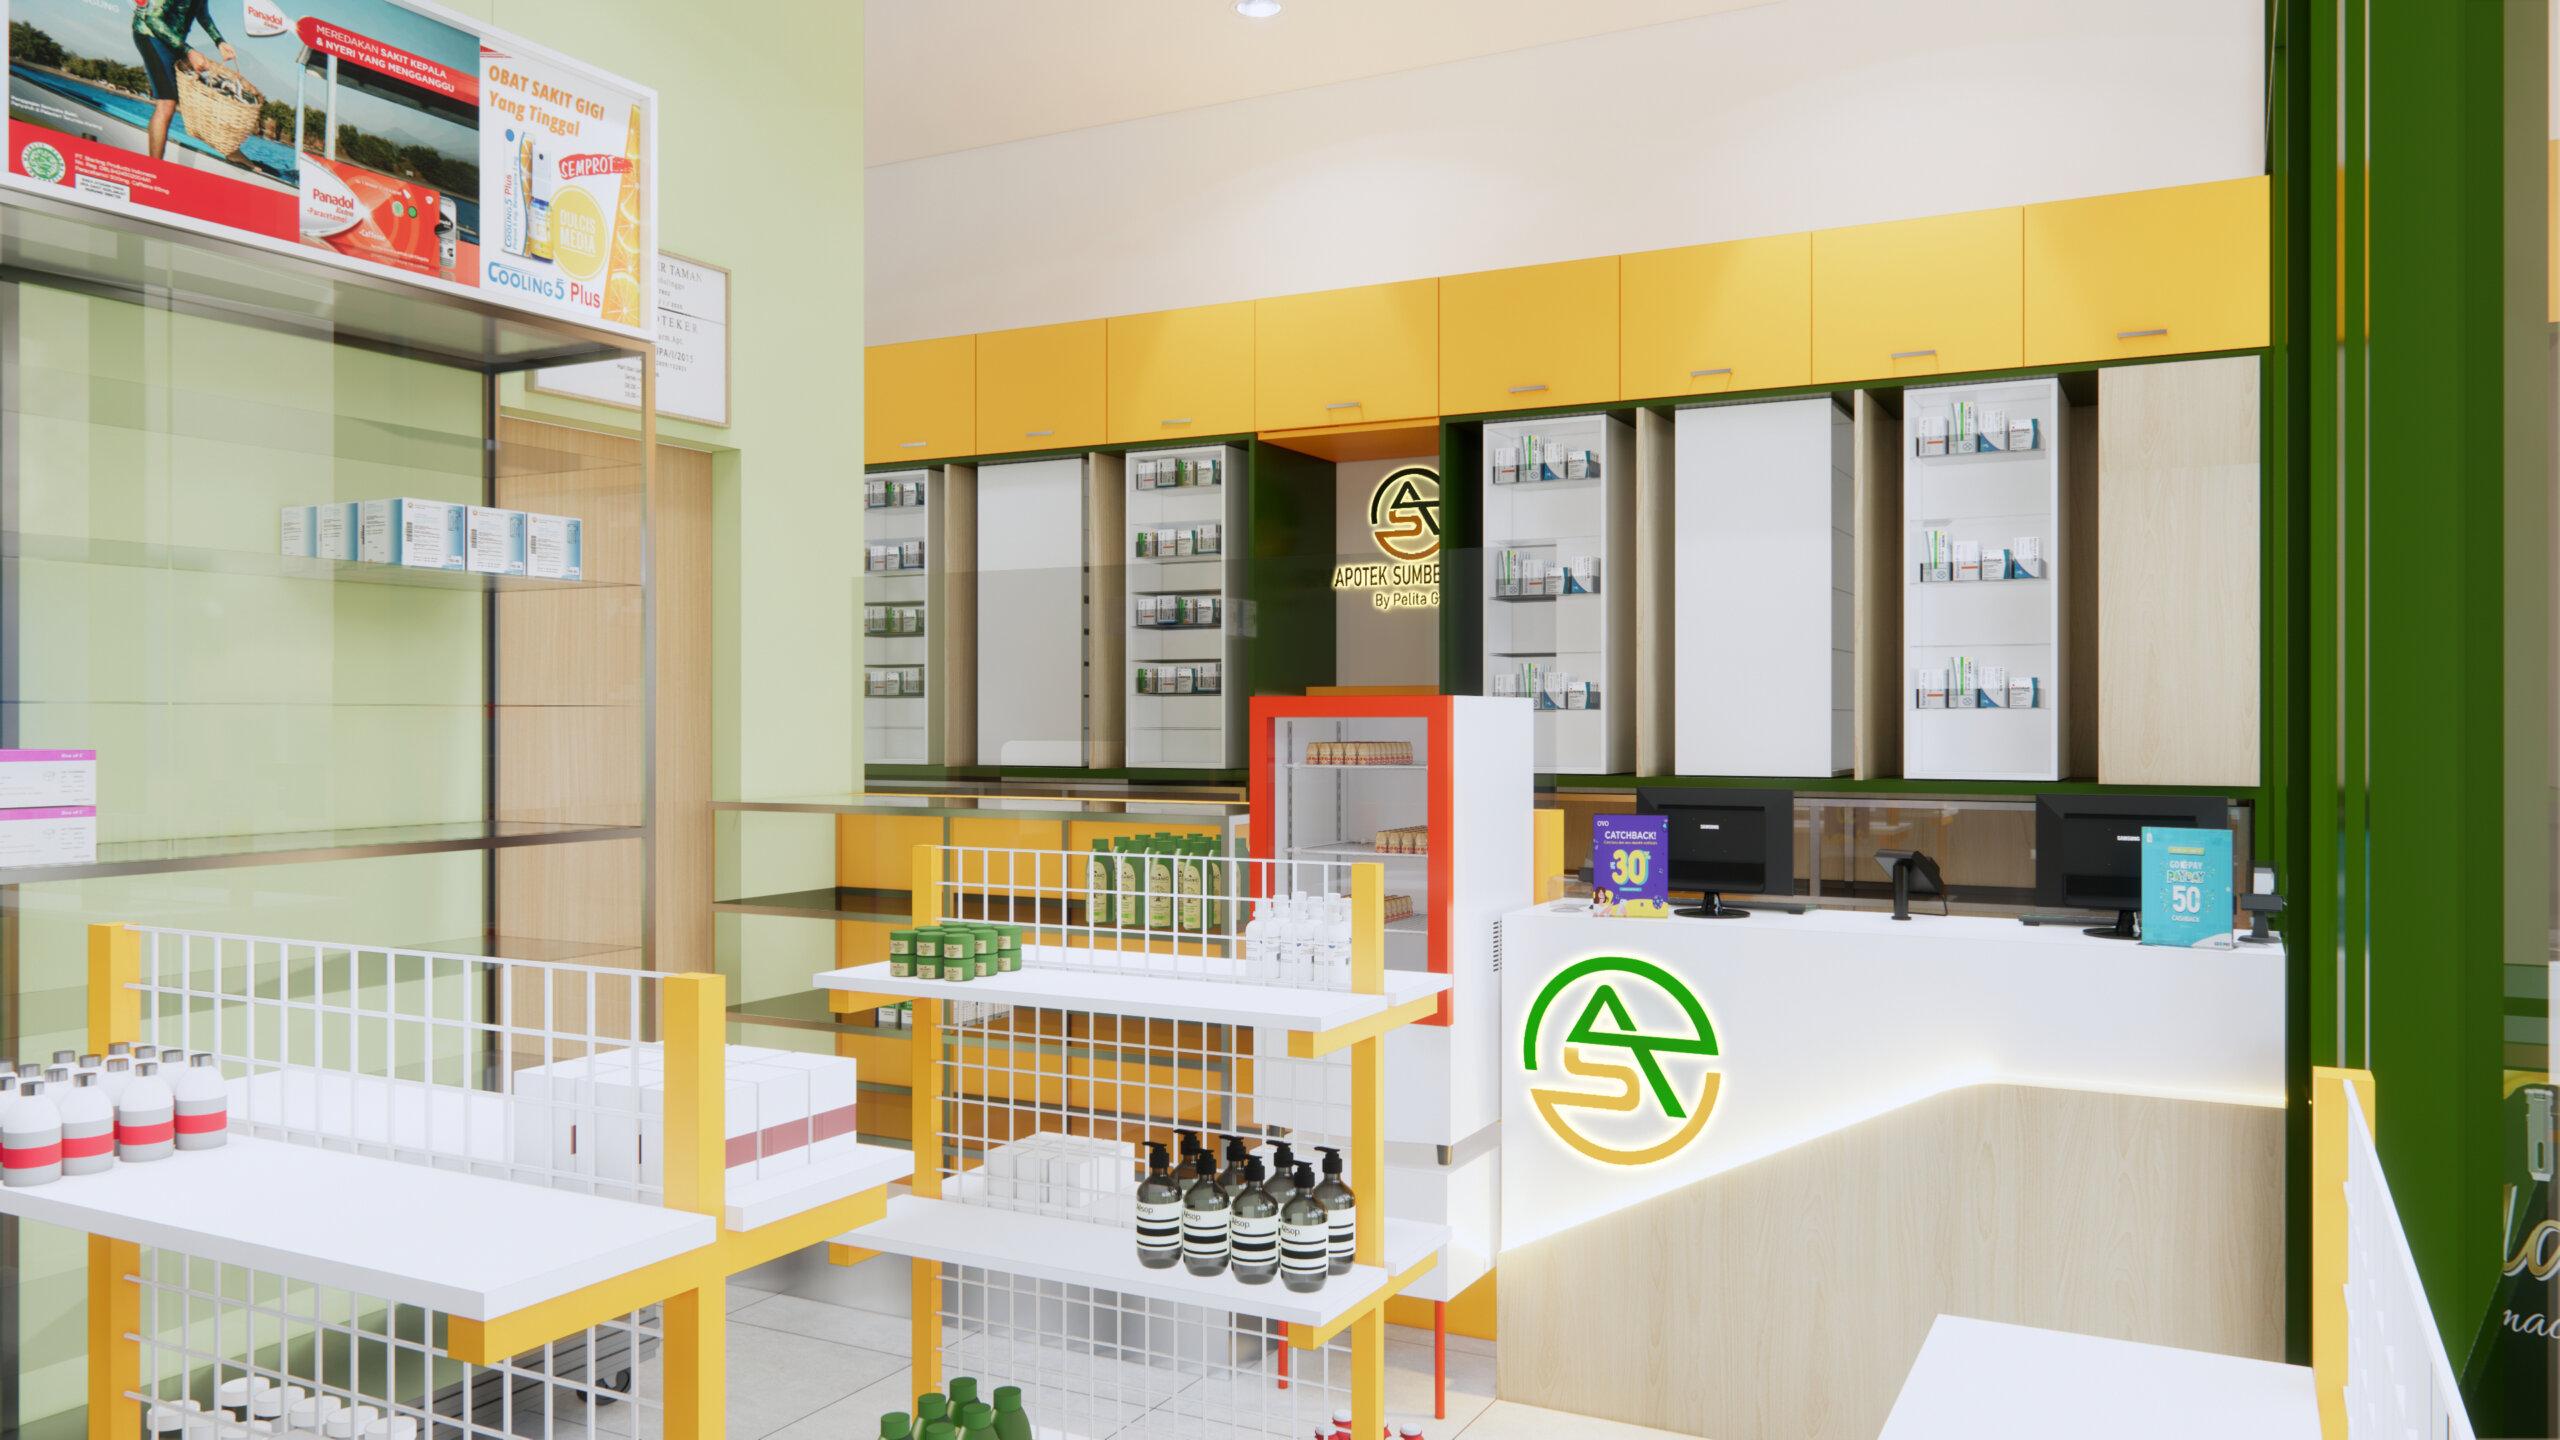 Desain Apotek Minimalis Probolinggo Jawa Timur Interiordesign Id Desain interior apotek minimalis